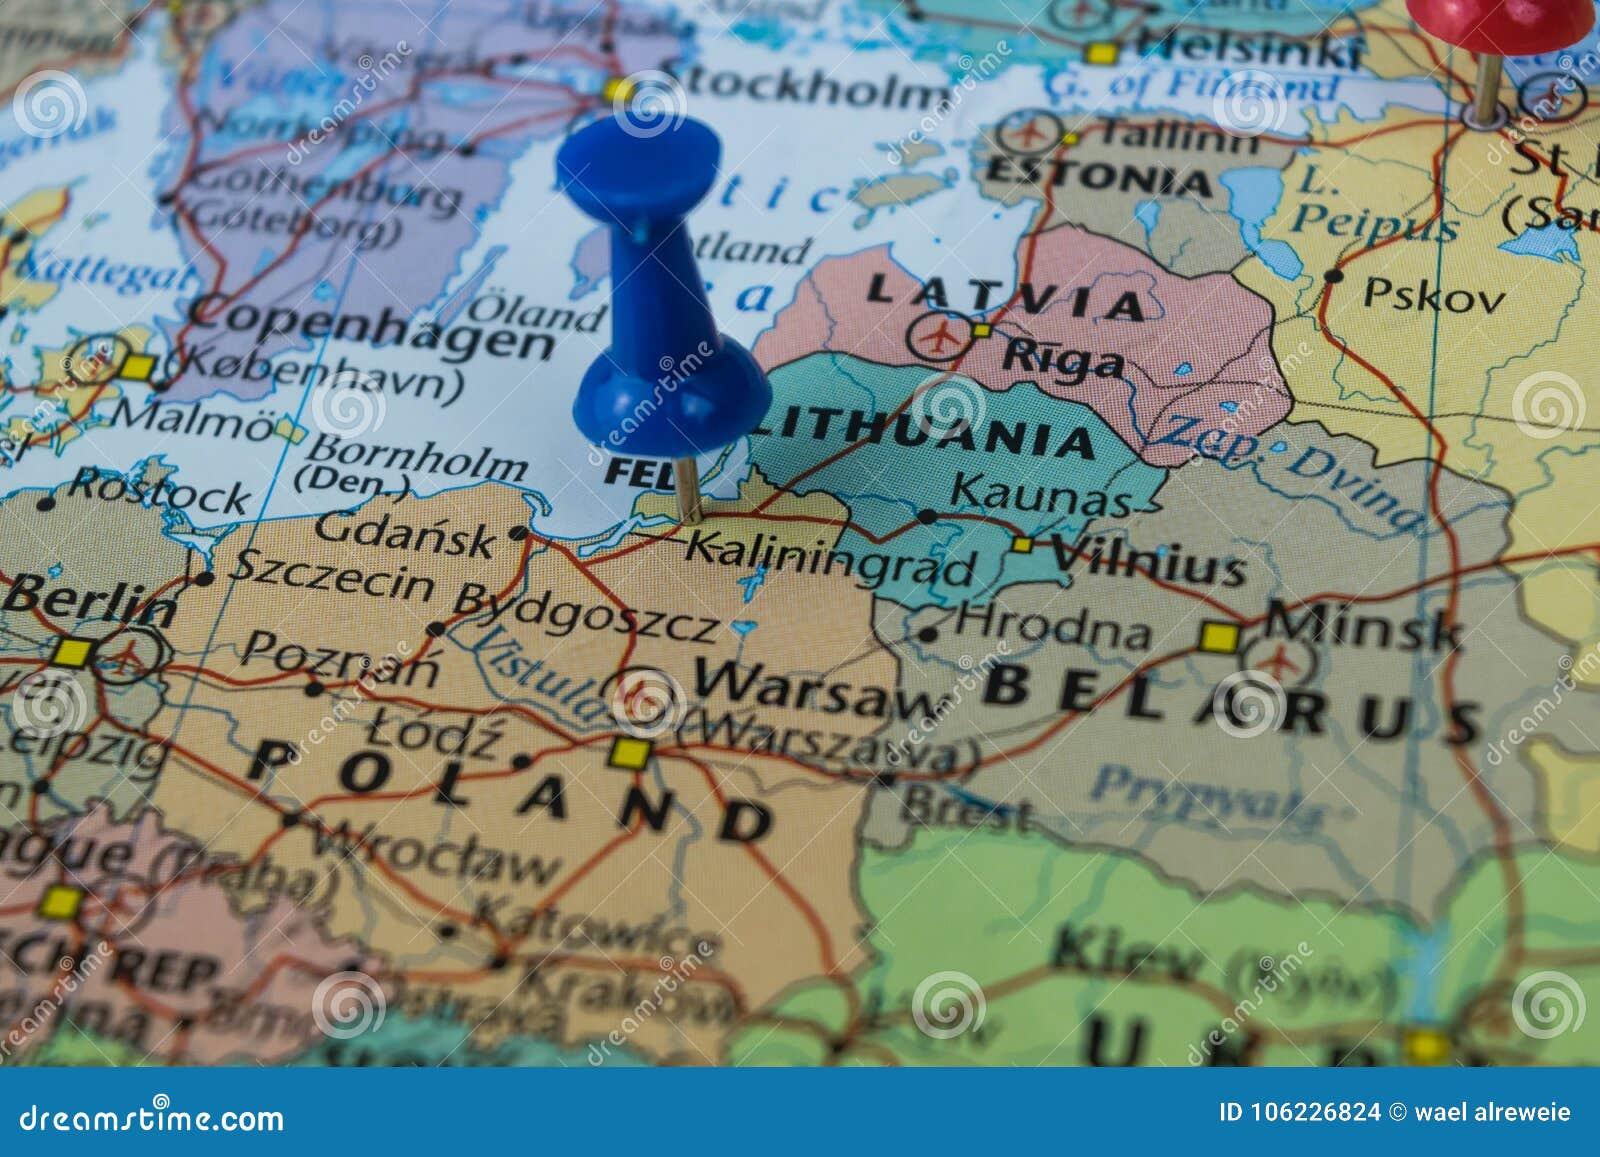 Königsberg Kaliningrad Karte.Kaliningrad Stadt Steckte Auf Eine Karte Von Russland Unter Anderen